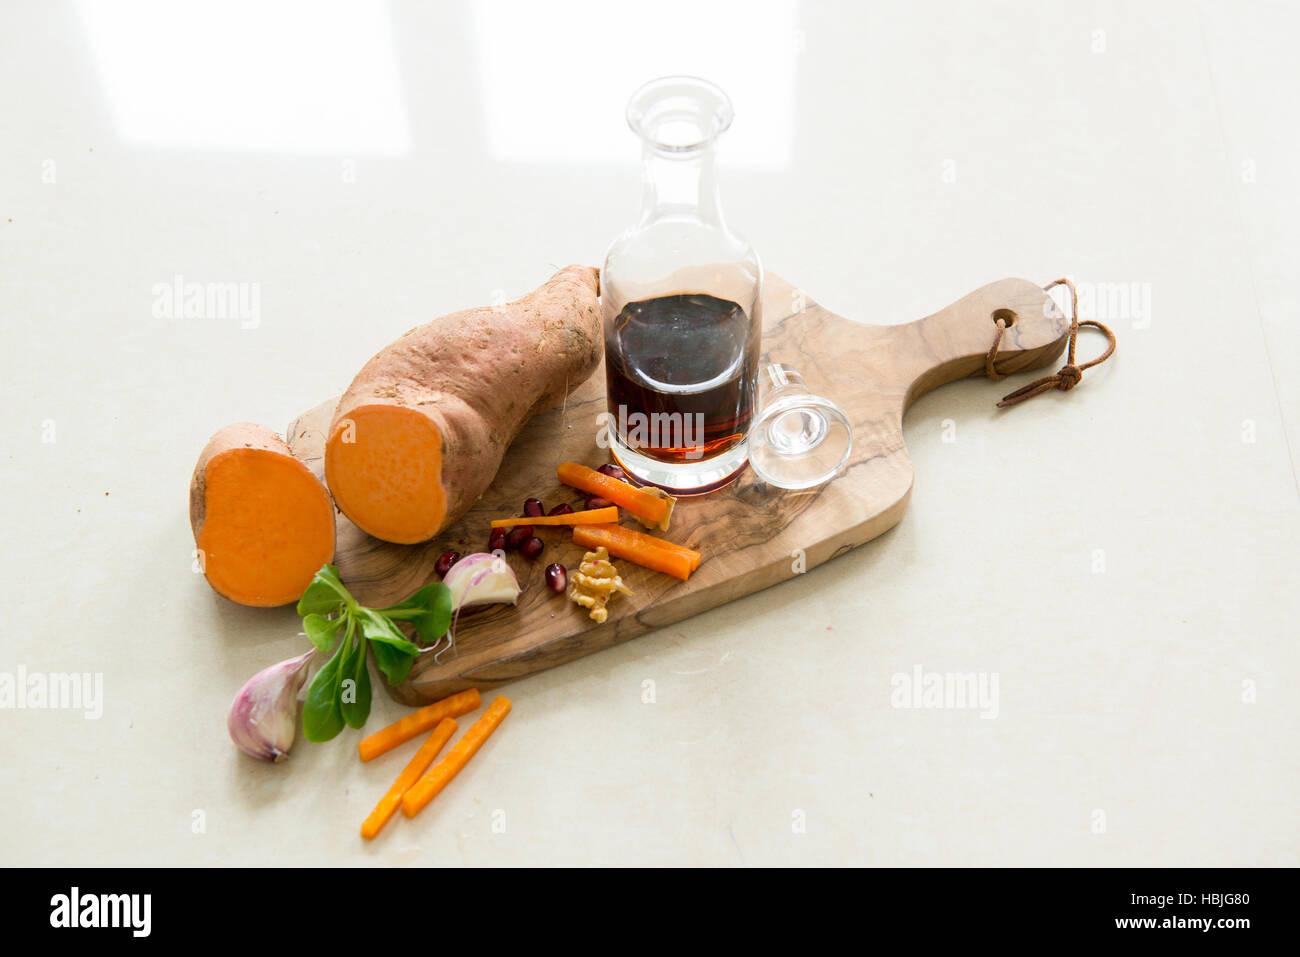 sweet potatoes - Stock Image